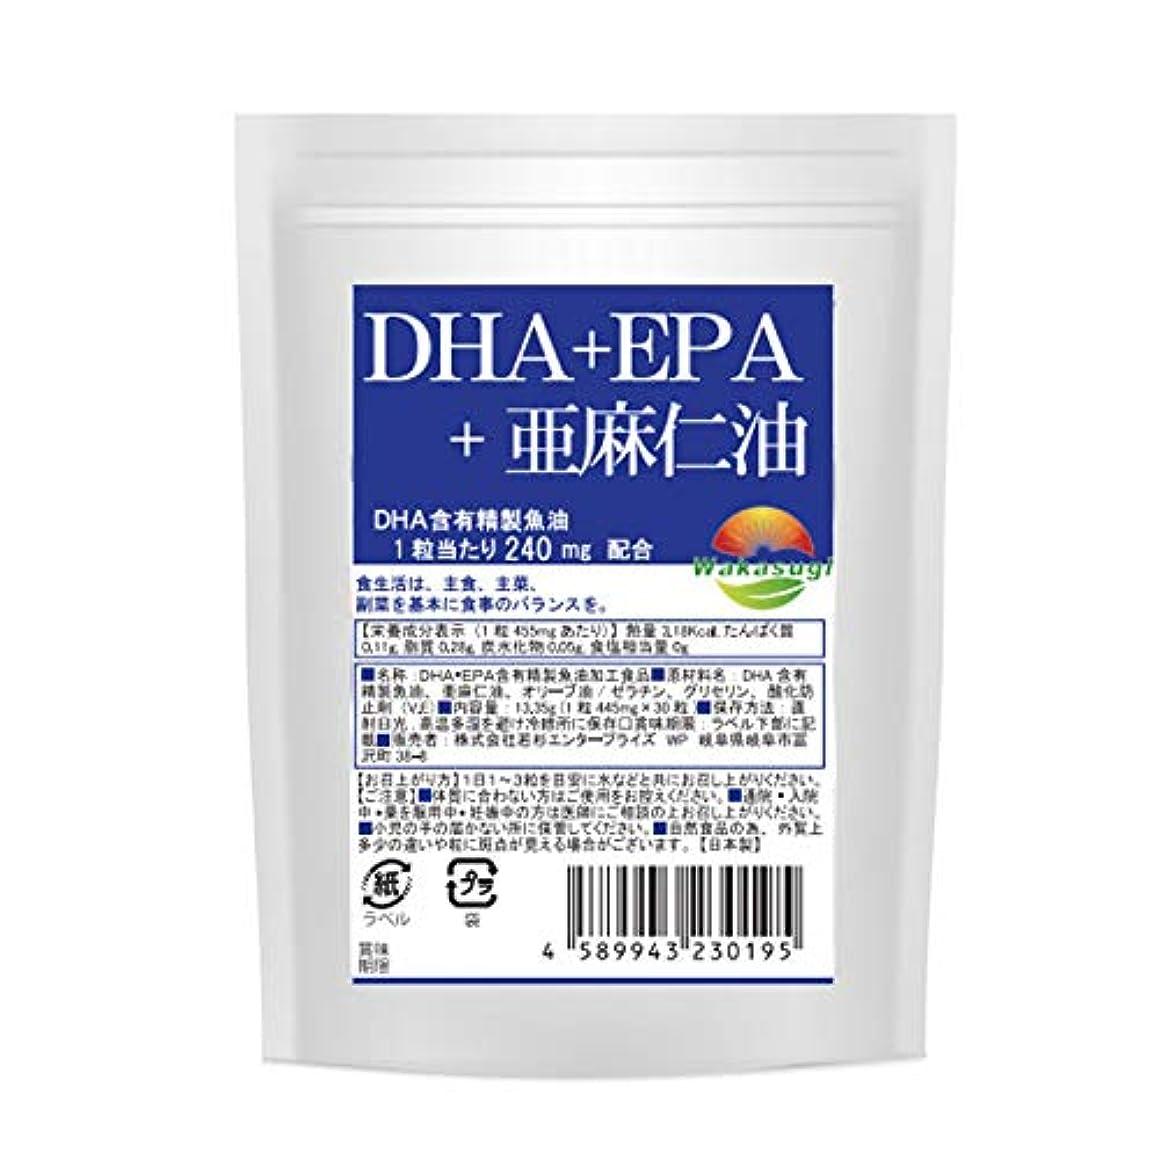 パッチ知人抵抗力がある【BigSize】DHA+EPA+亜麻仁油 生カプセル 大容量180粒